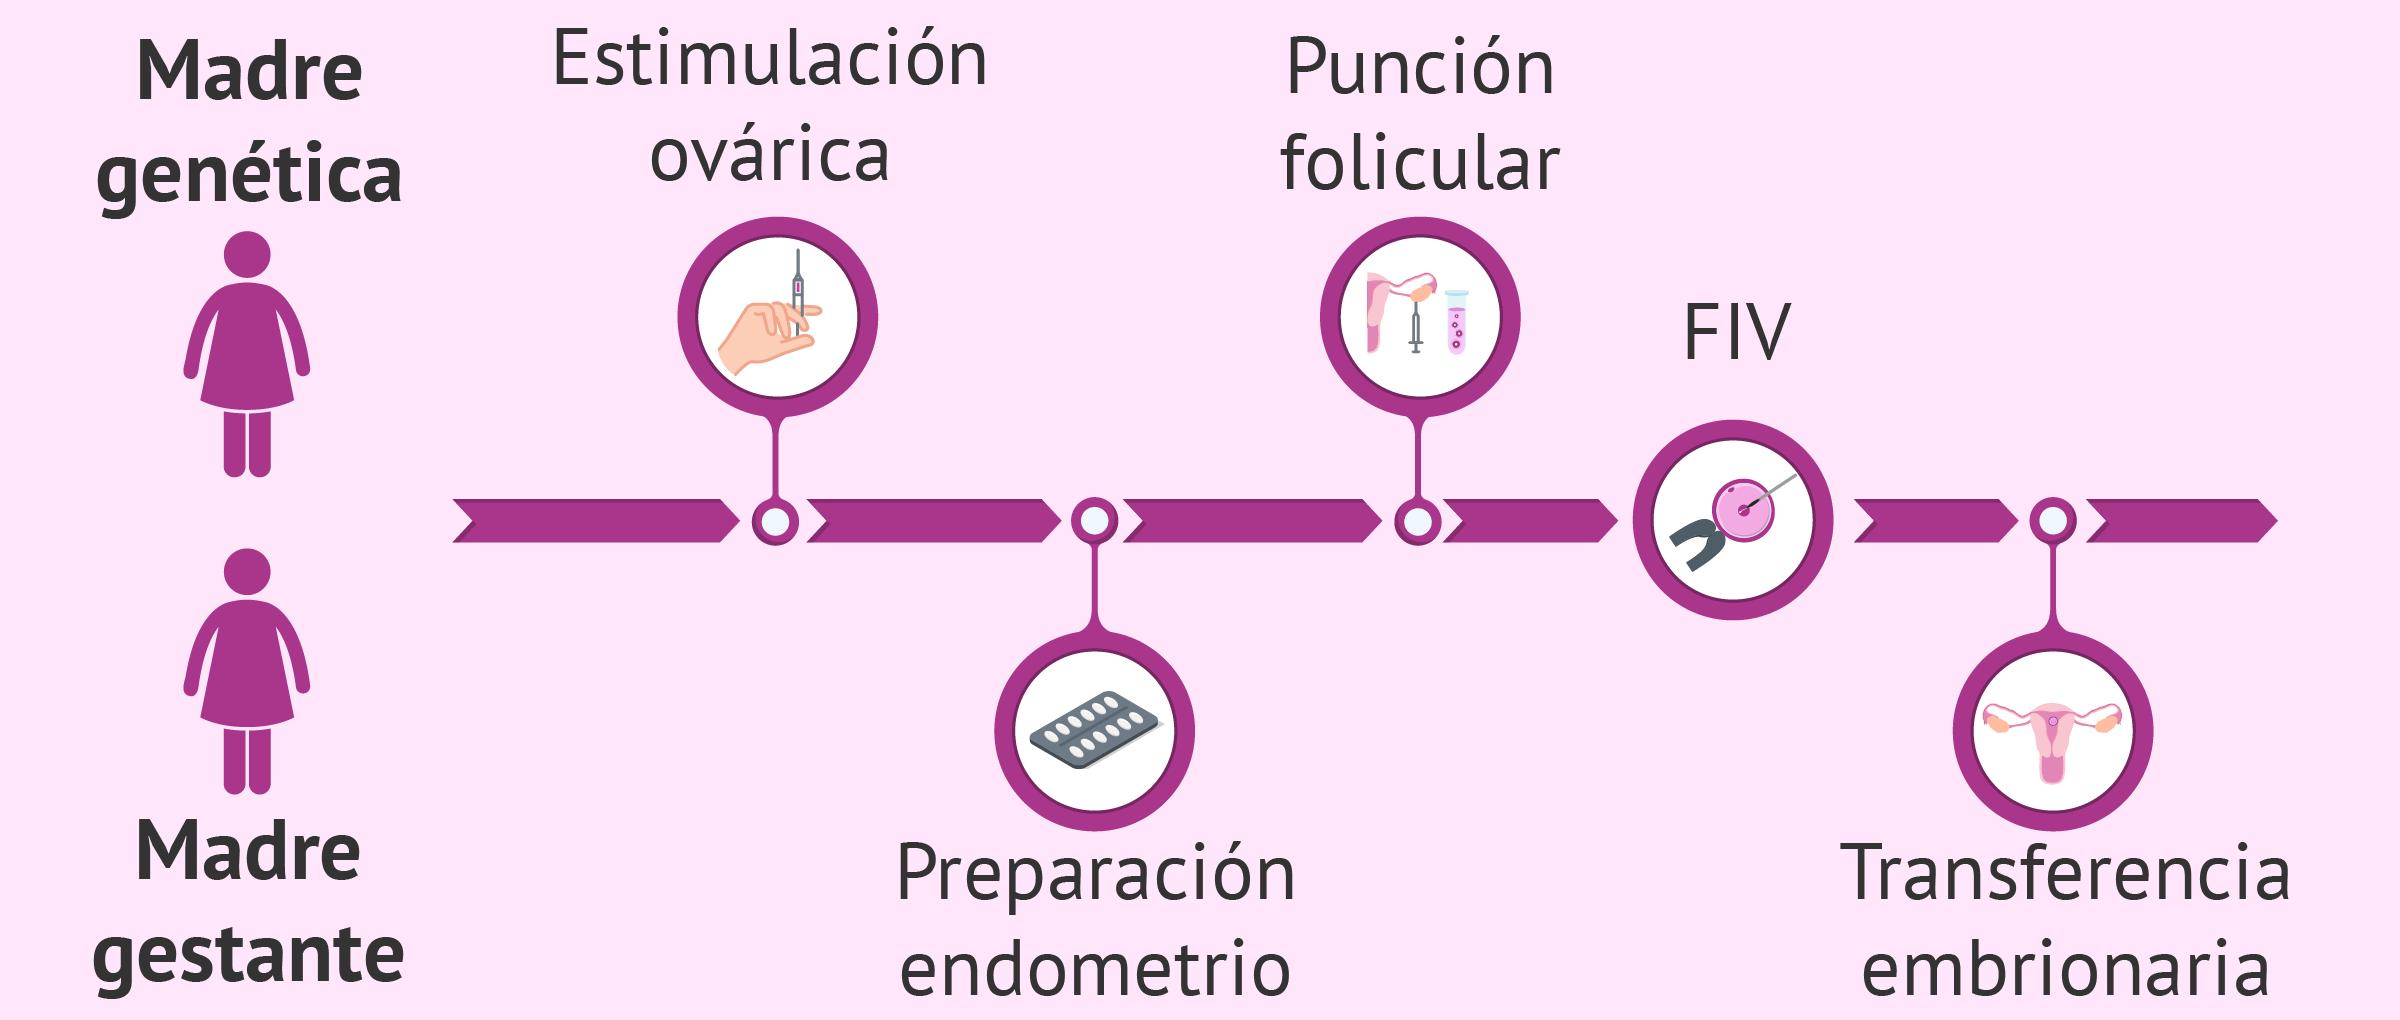 ¿Qué es el método ROPA? - FIV con recepción de óvulos de la pareja